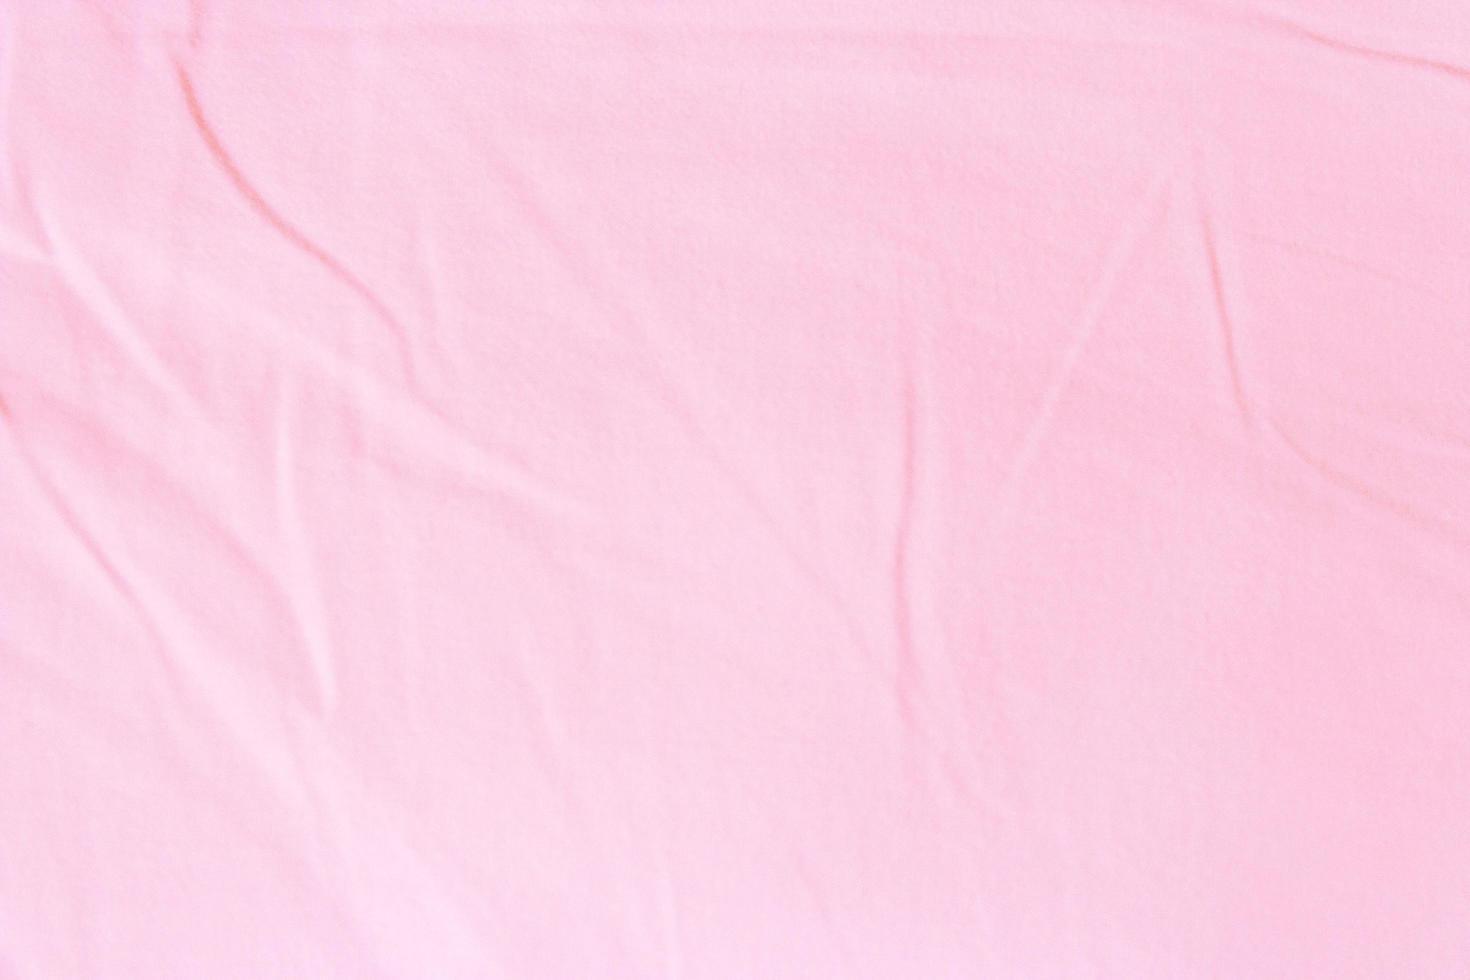 fondo de tela rosa foto